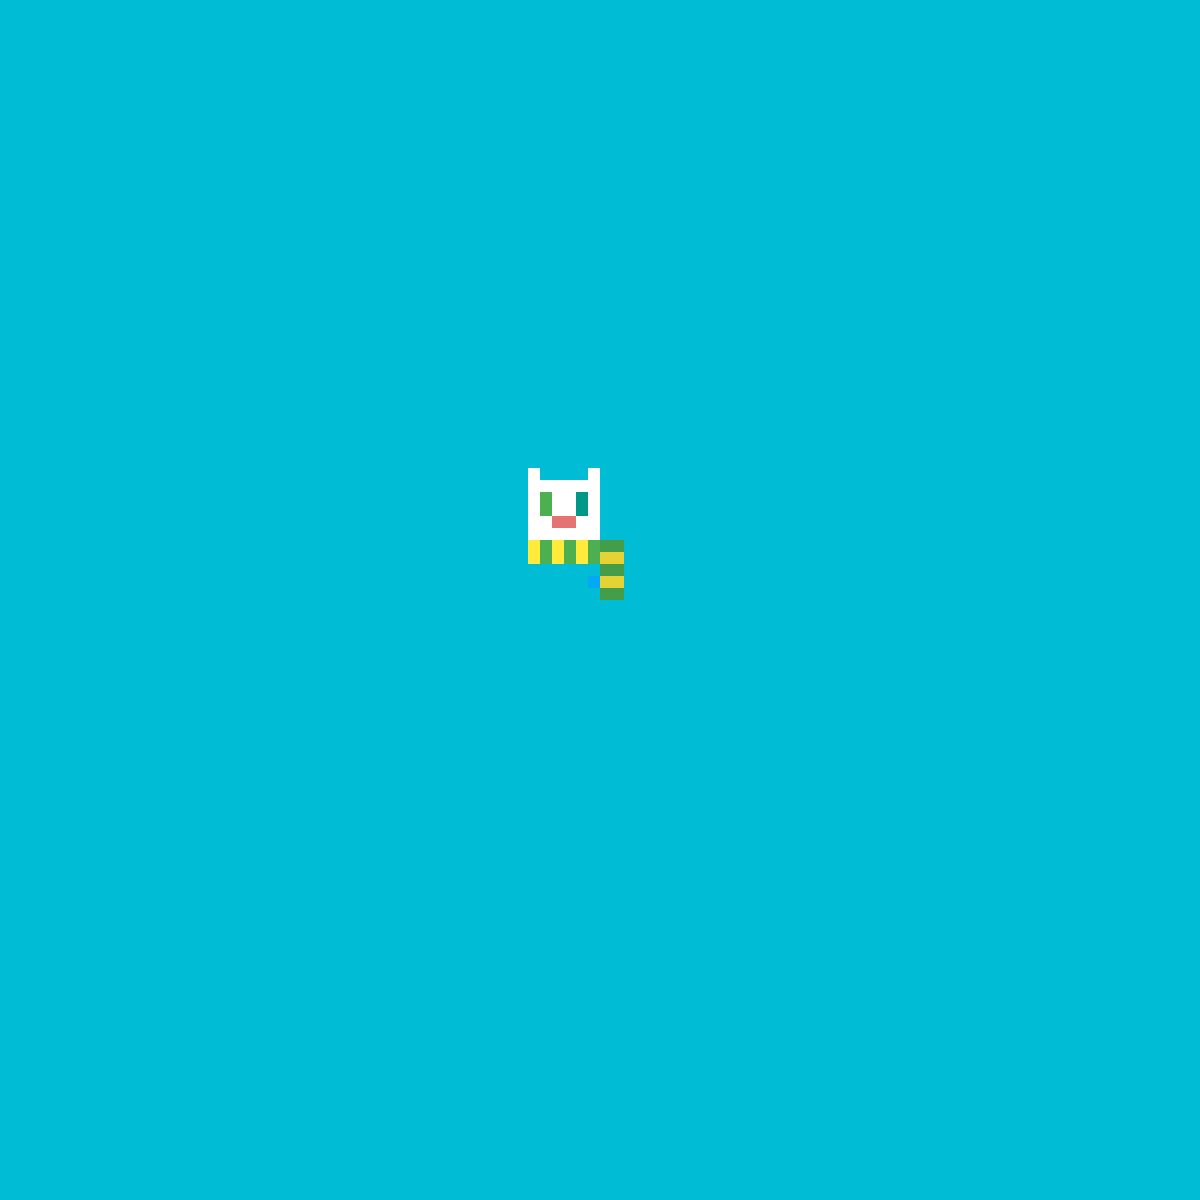 4x4 cat head by Zombie-Dog